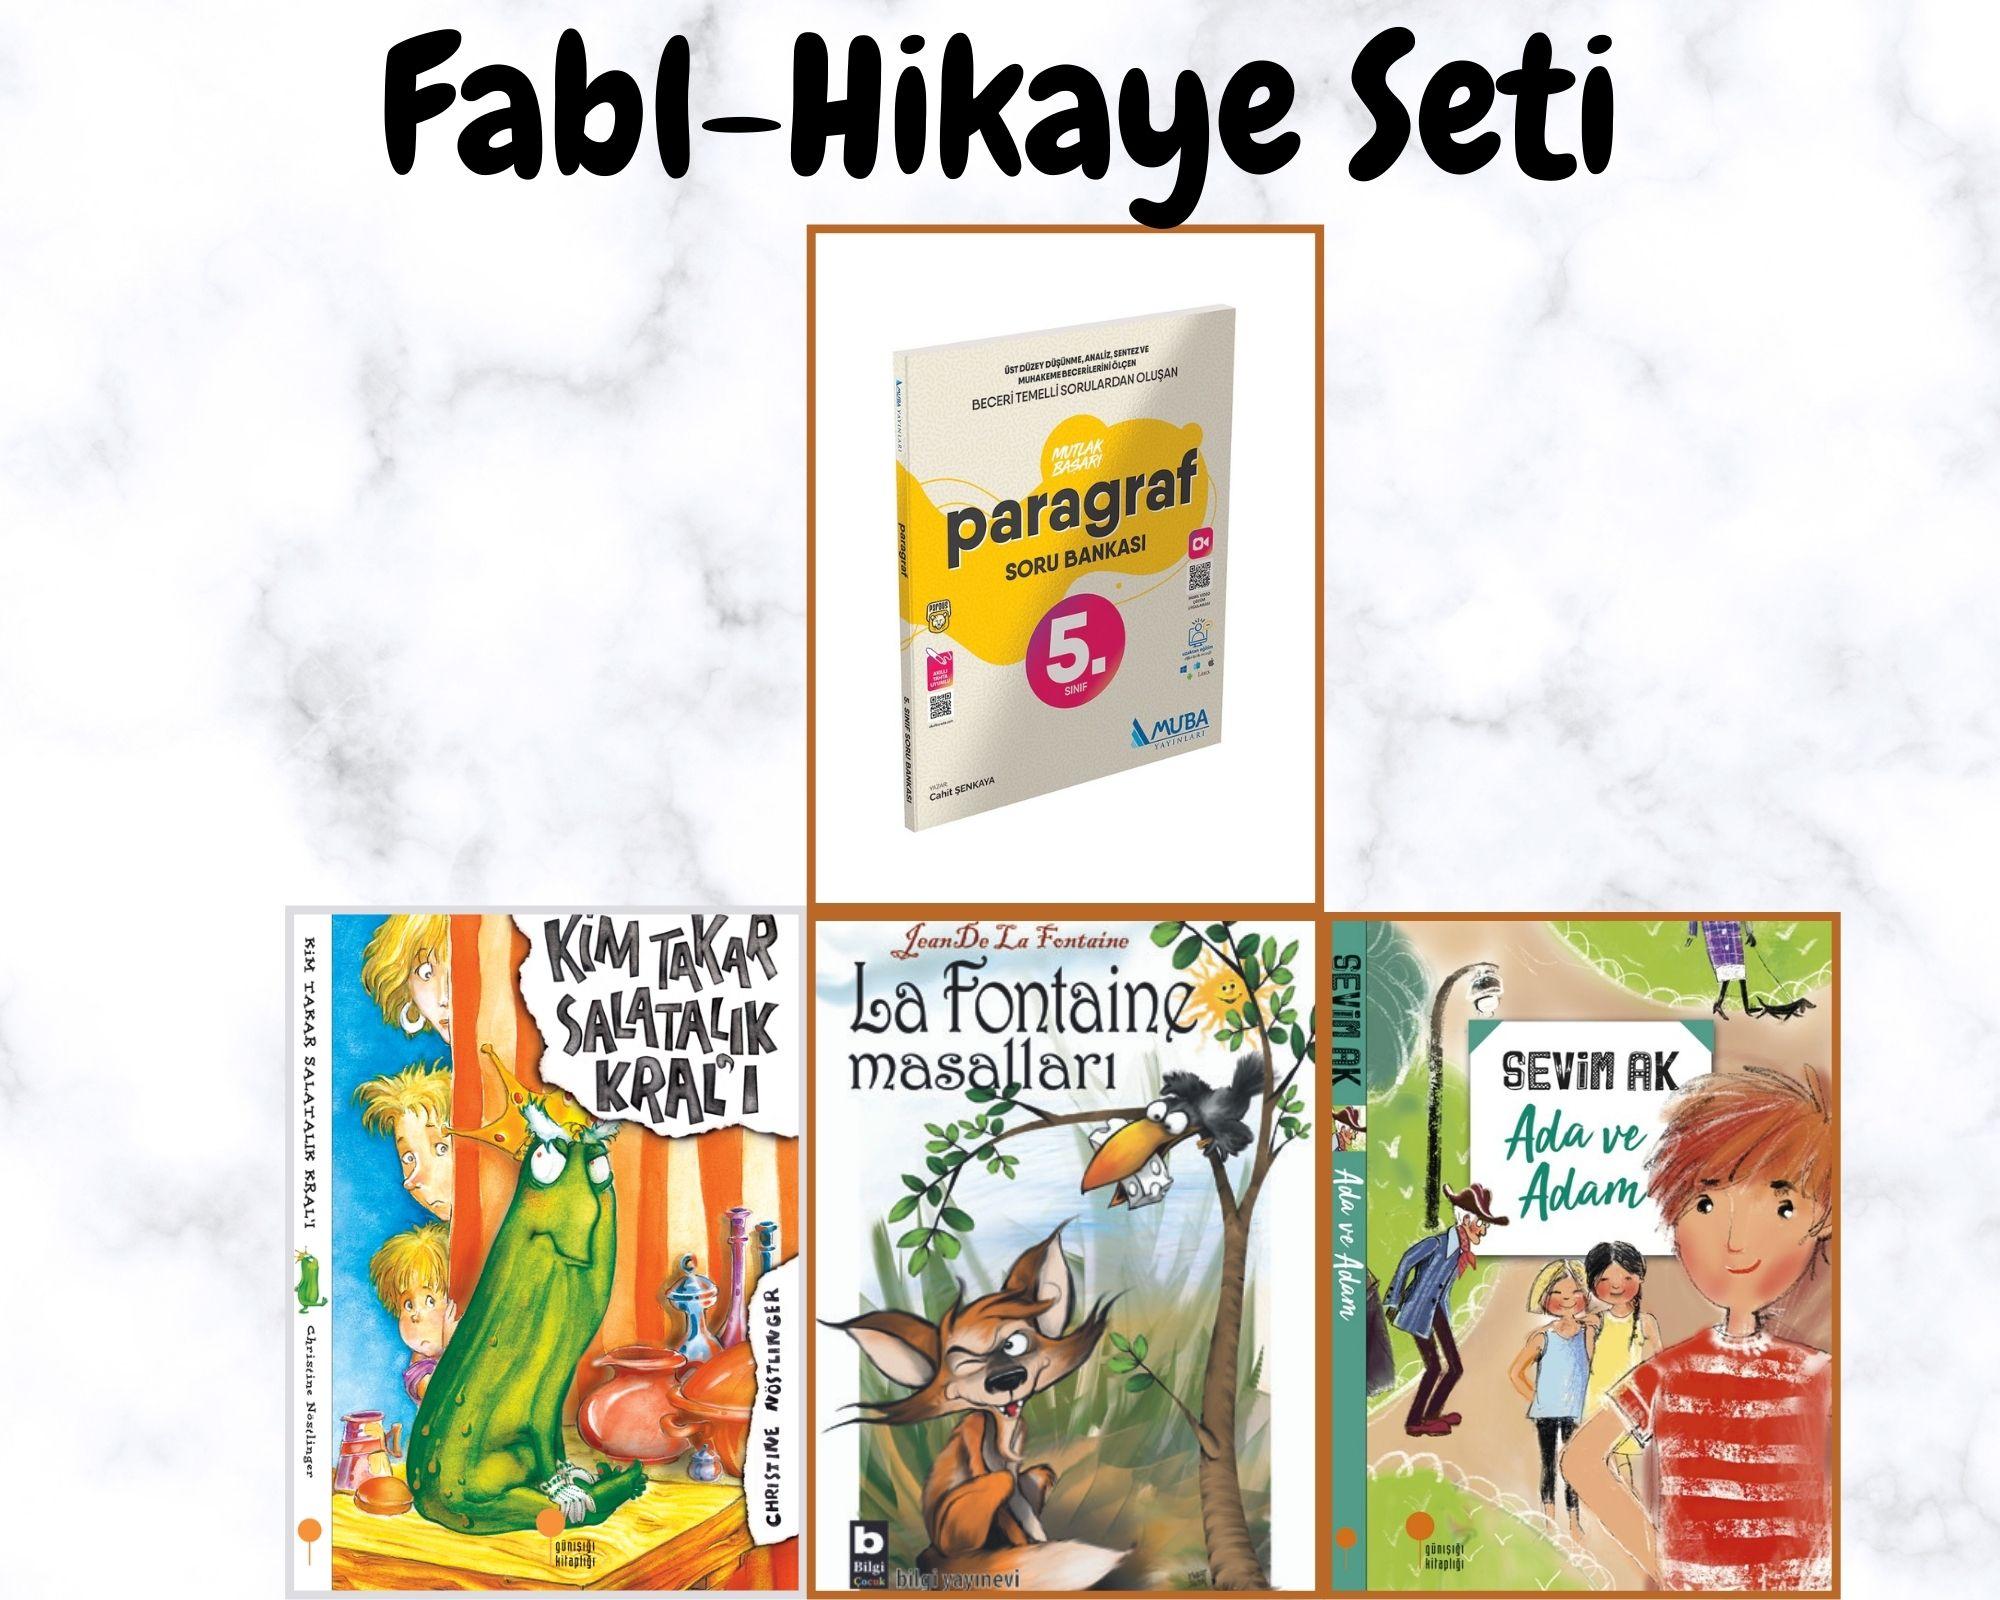 Fabl-Hikaye Seti